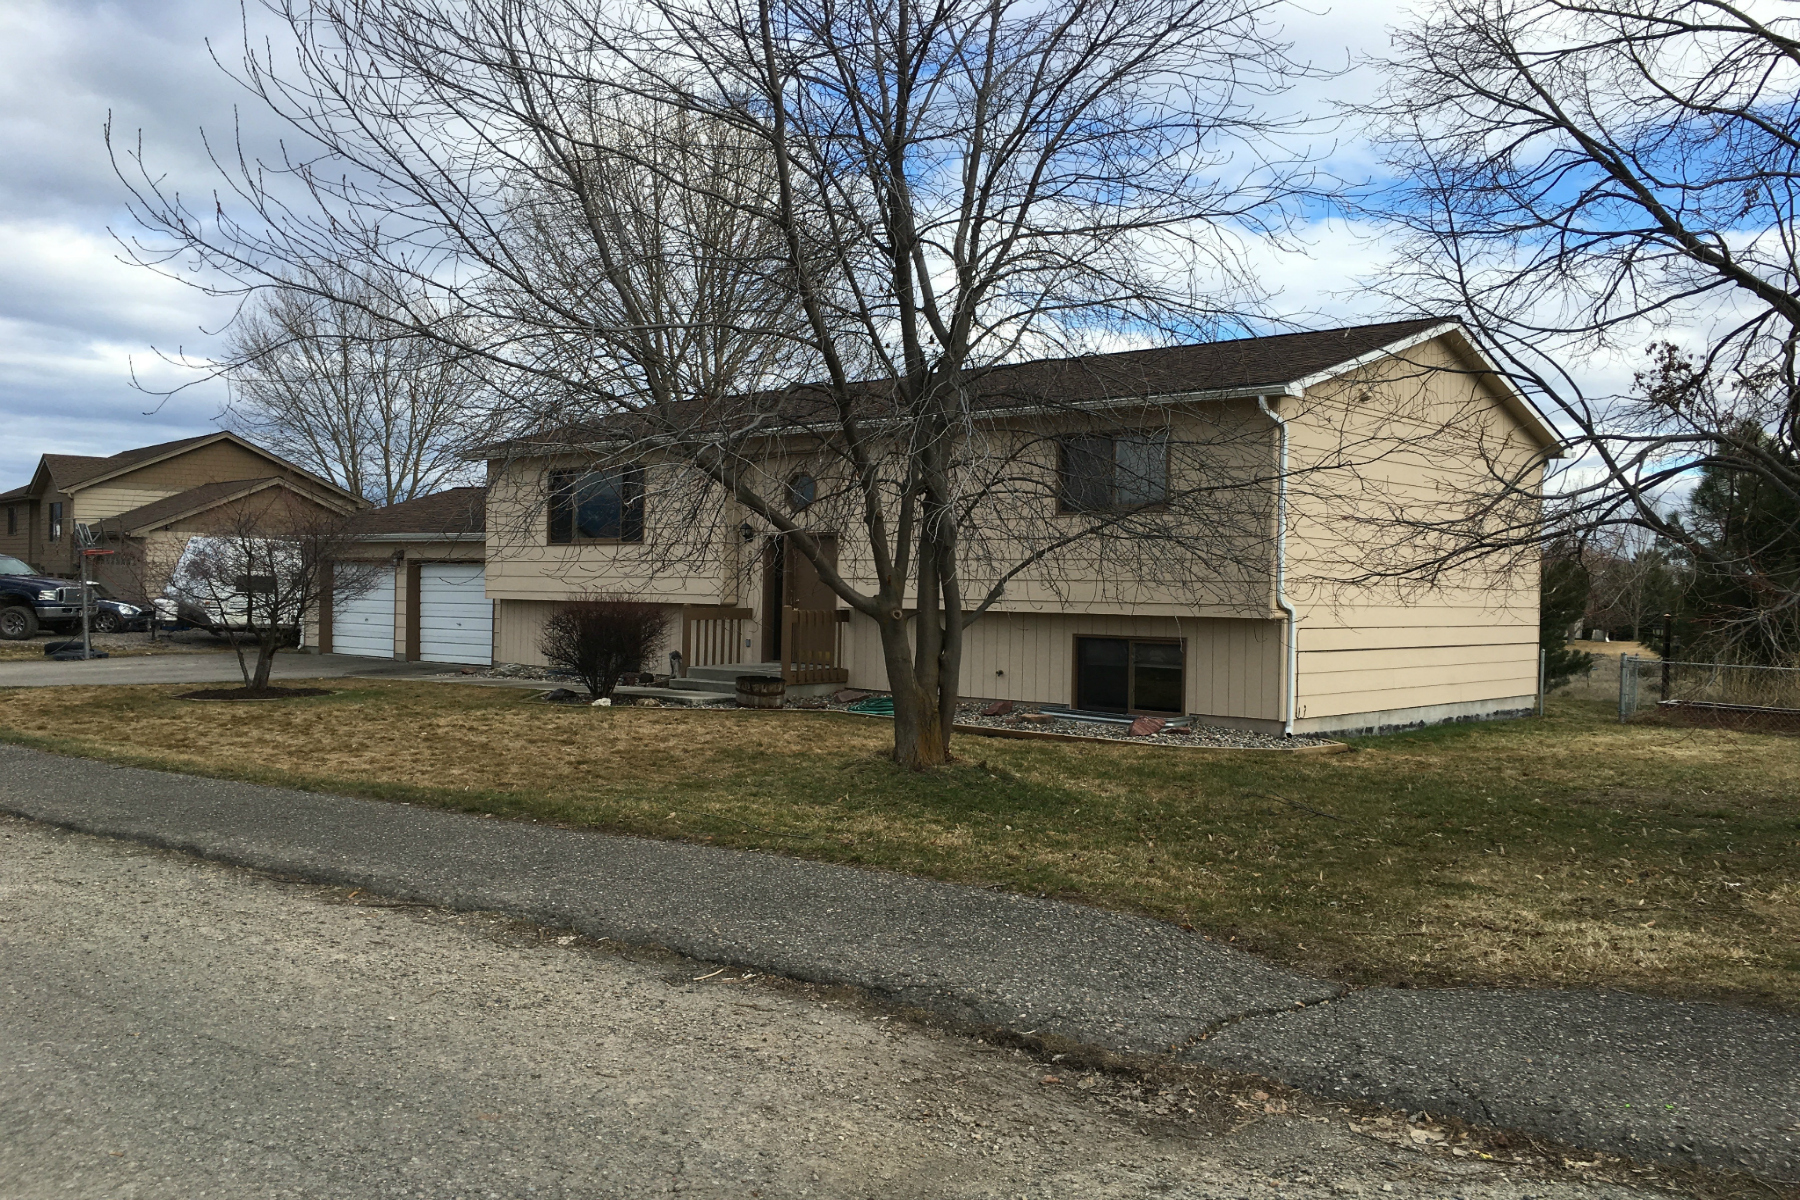 Casa para uma família para Venda às 8975 Grouse 8975 Grouse Dr Missoula, Montana, 59808 Estados Unidos